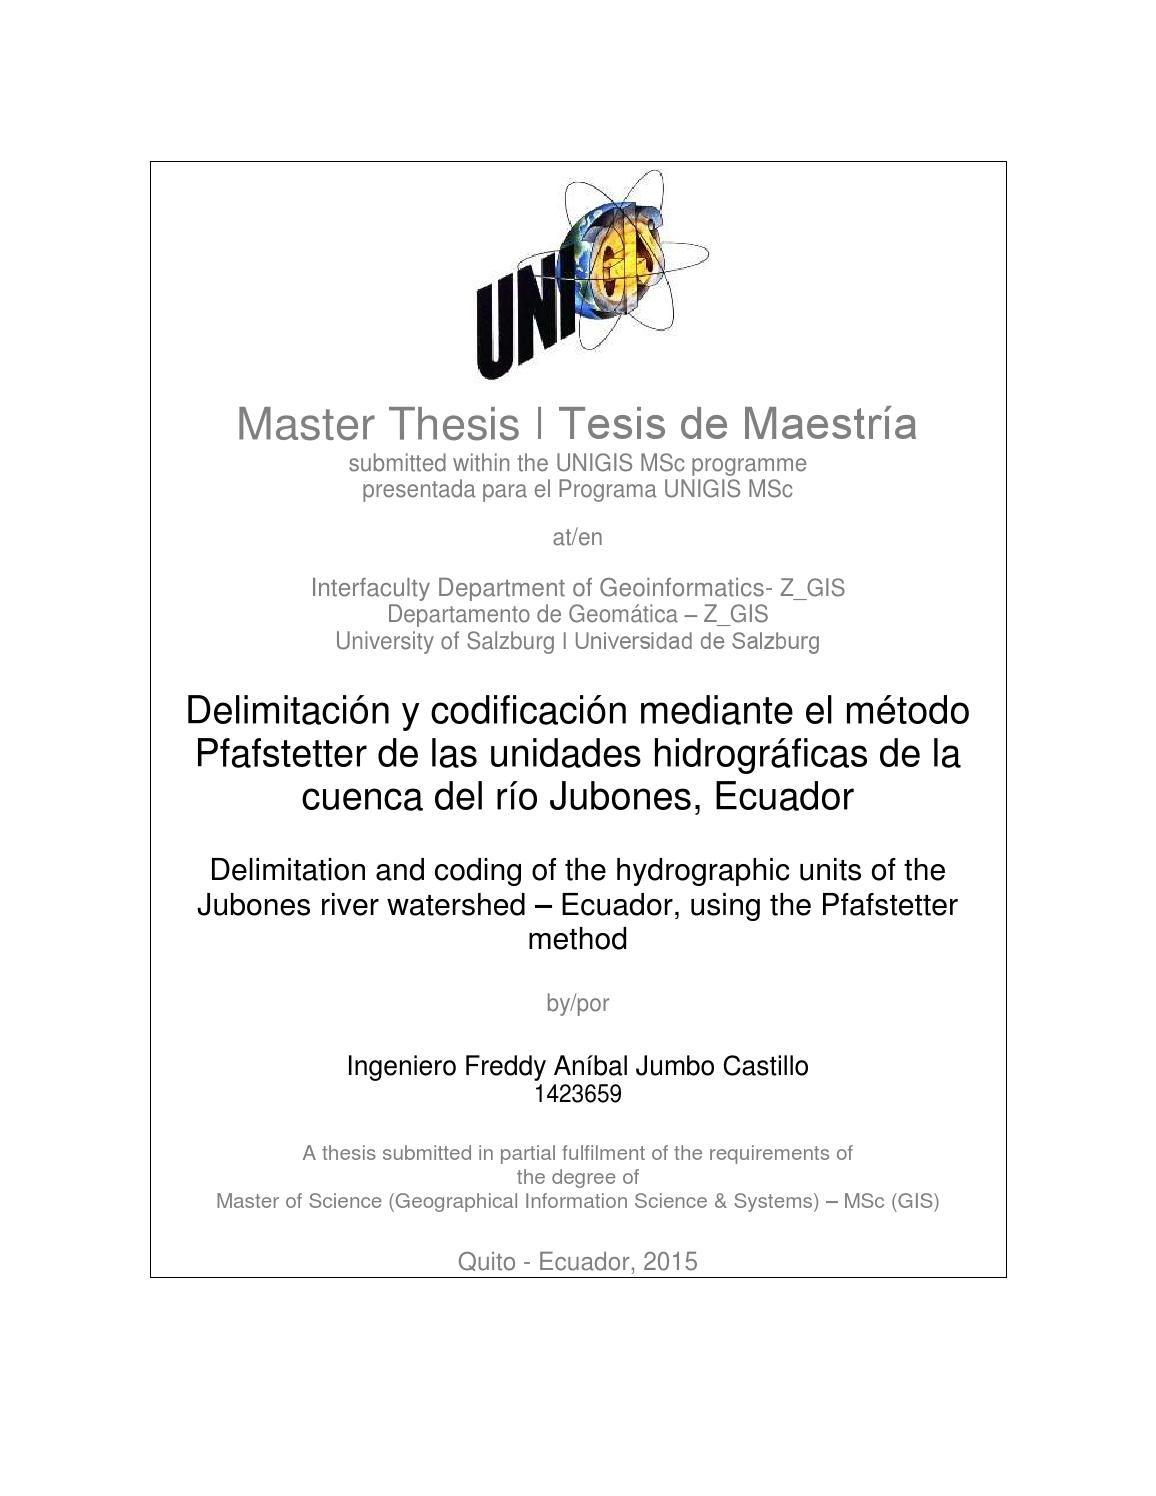 """Delimitación y codificación mediante el método Pfafstetter de las unidades hidrográficas de la  Tesis presentada para la obtención del título de """"Master of Science (Geographical Information Science & Systems) – MSc (GIS) """", Universidad de Salzburg - Austria"""